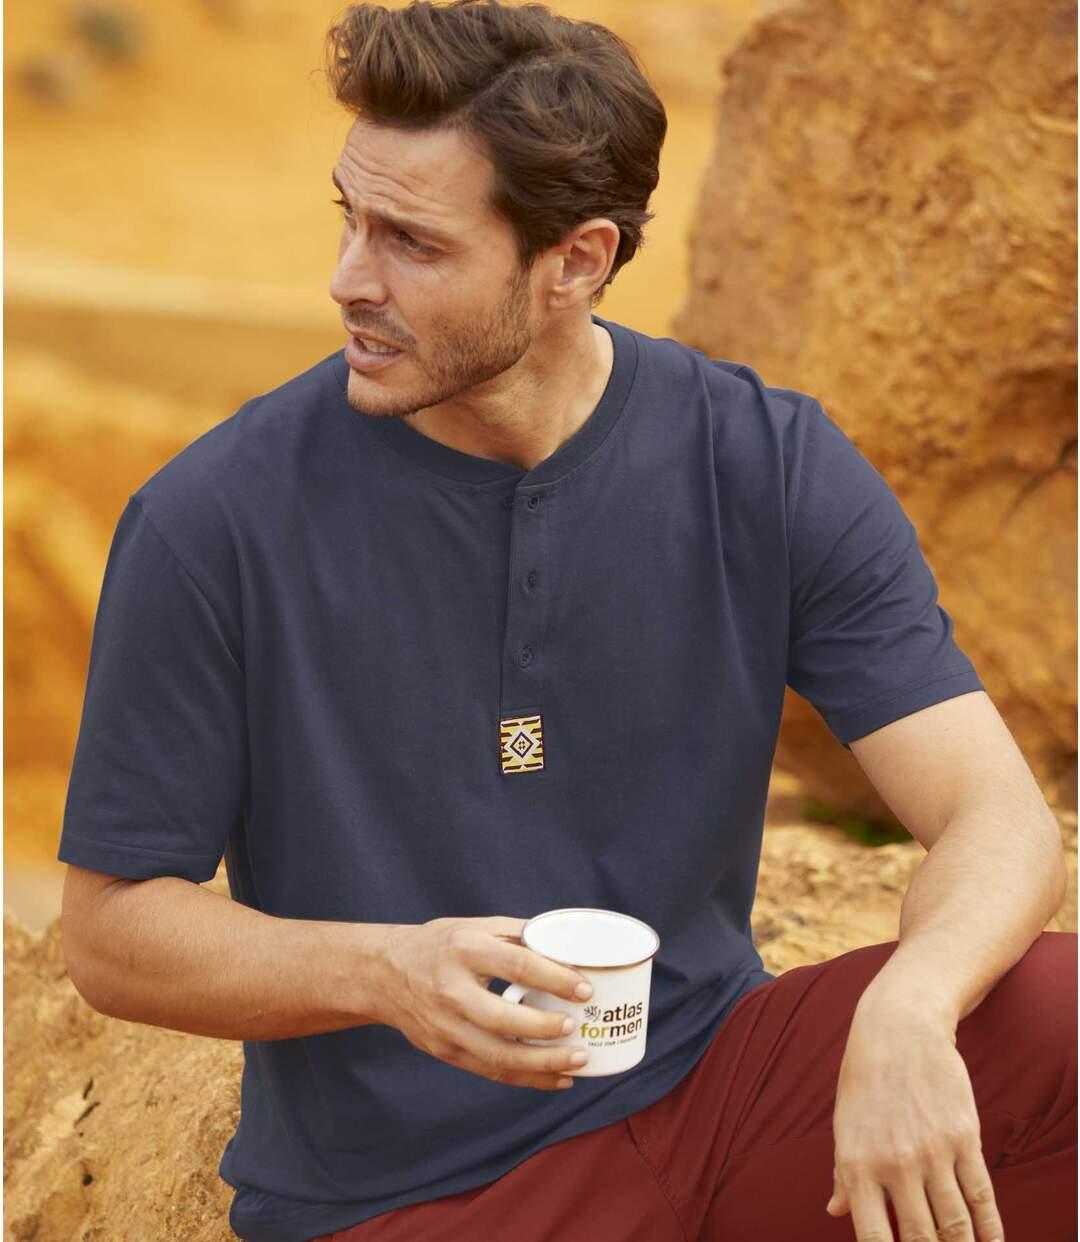 Sada 3 triček Atlas® sknoflíčkovým zapínáním ukrku